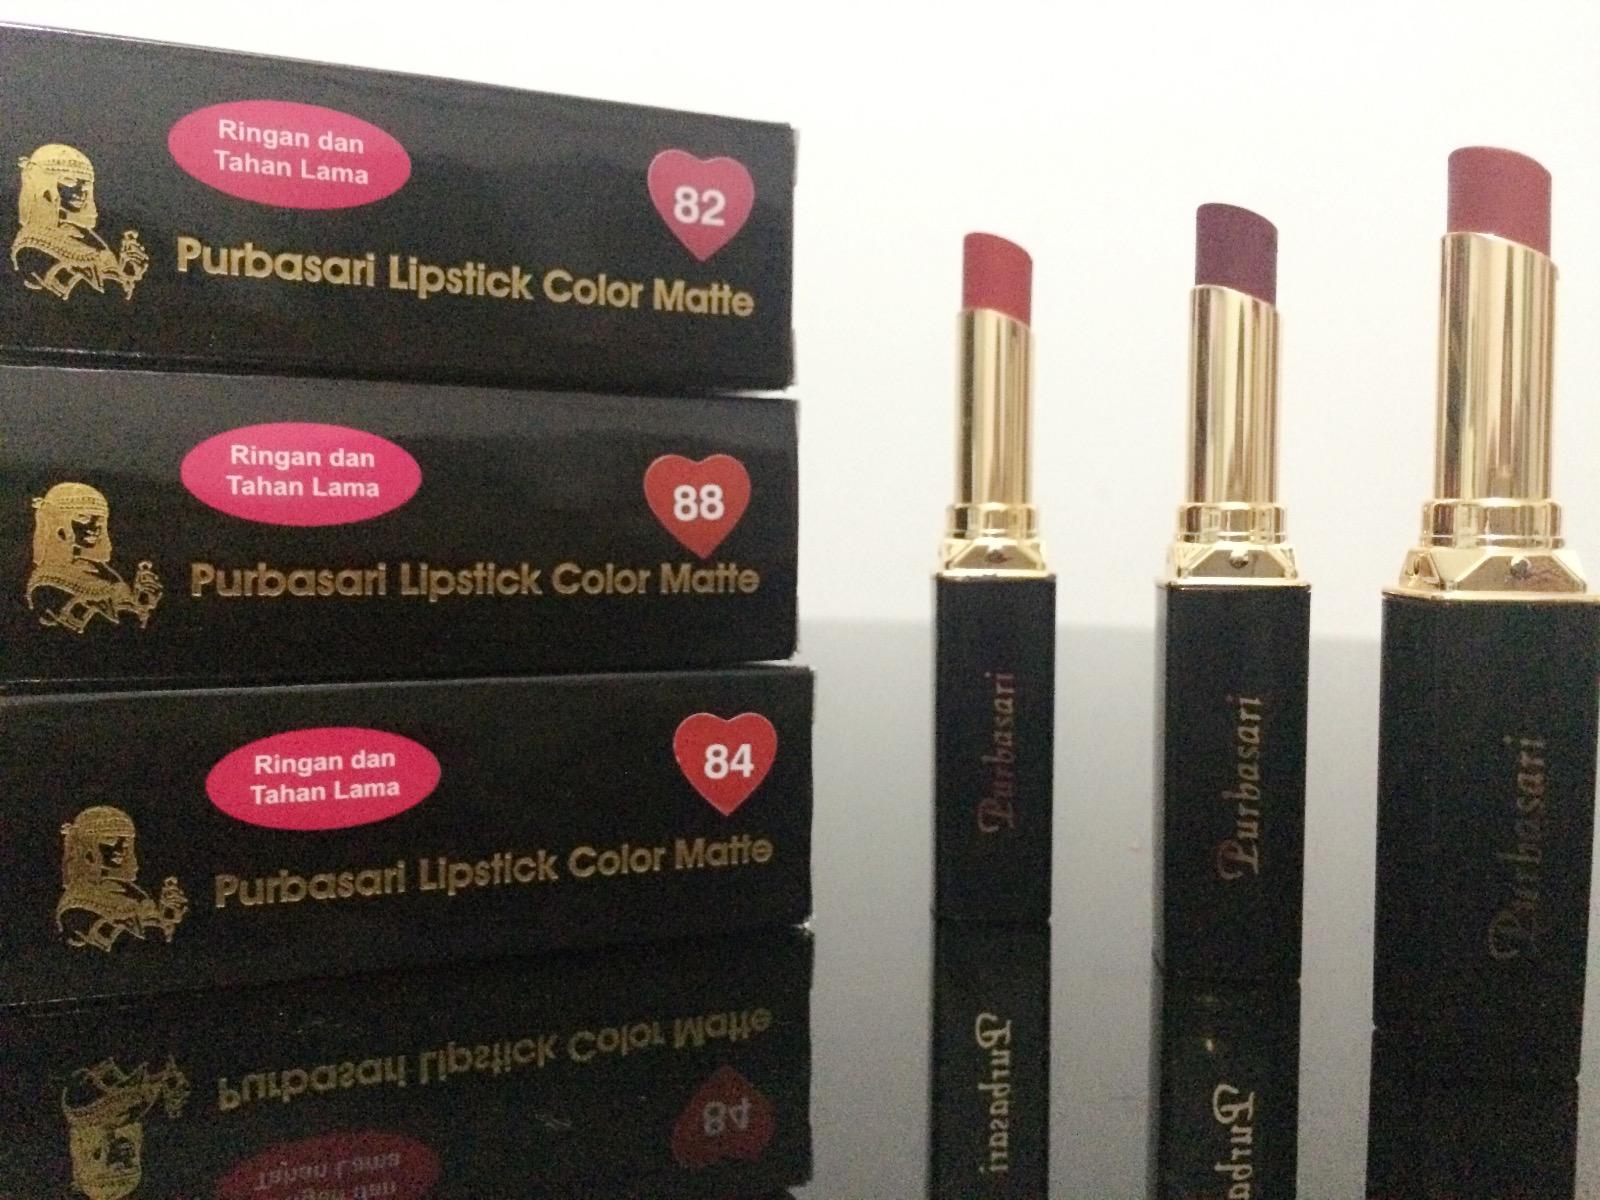 Purbasari Lipstick Collor Matte 86 Page 2 Daftar Update Harga Color Jual